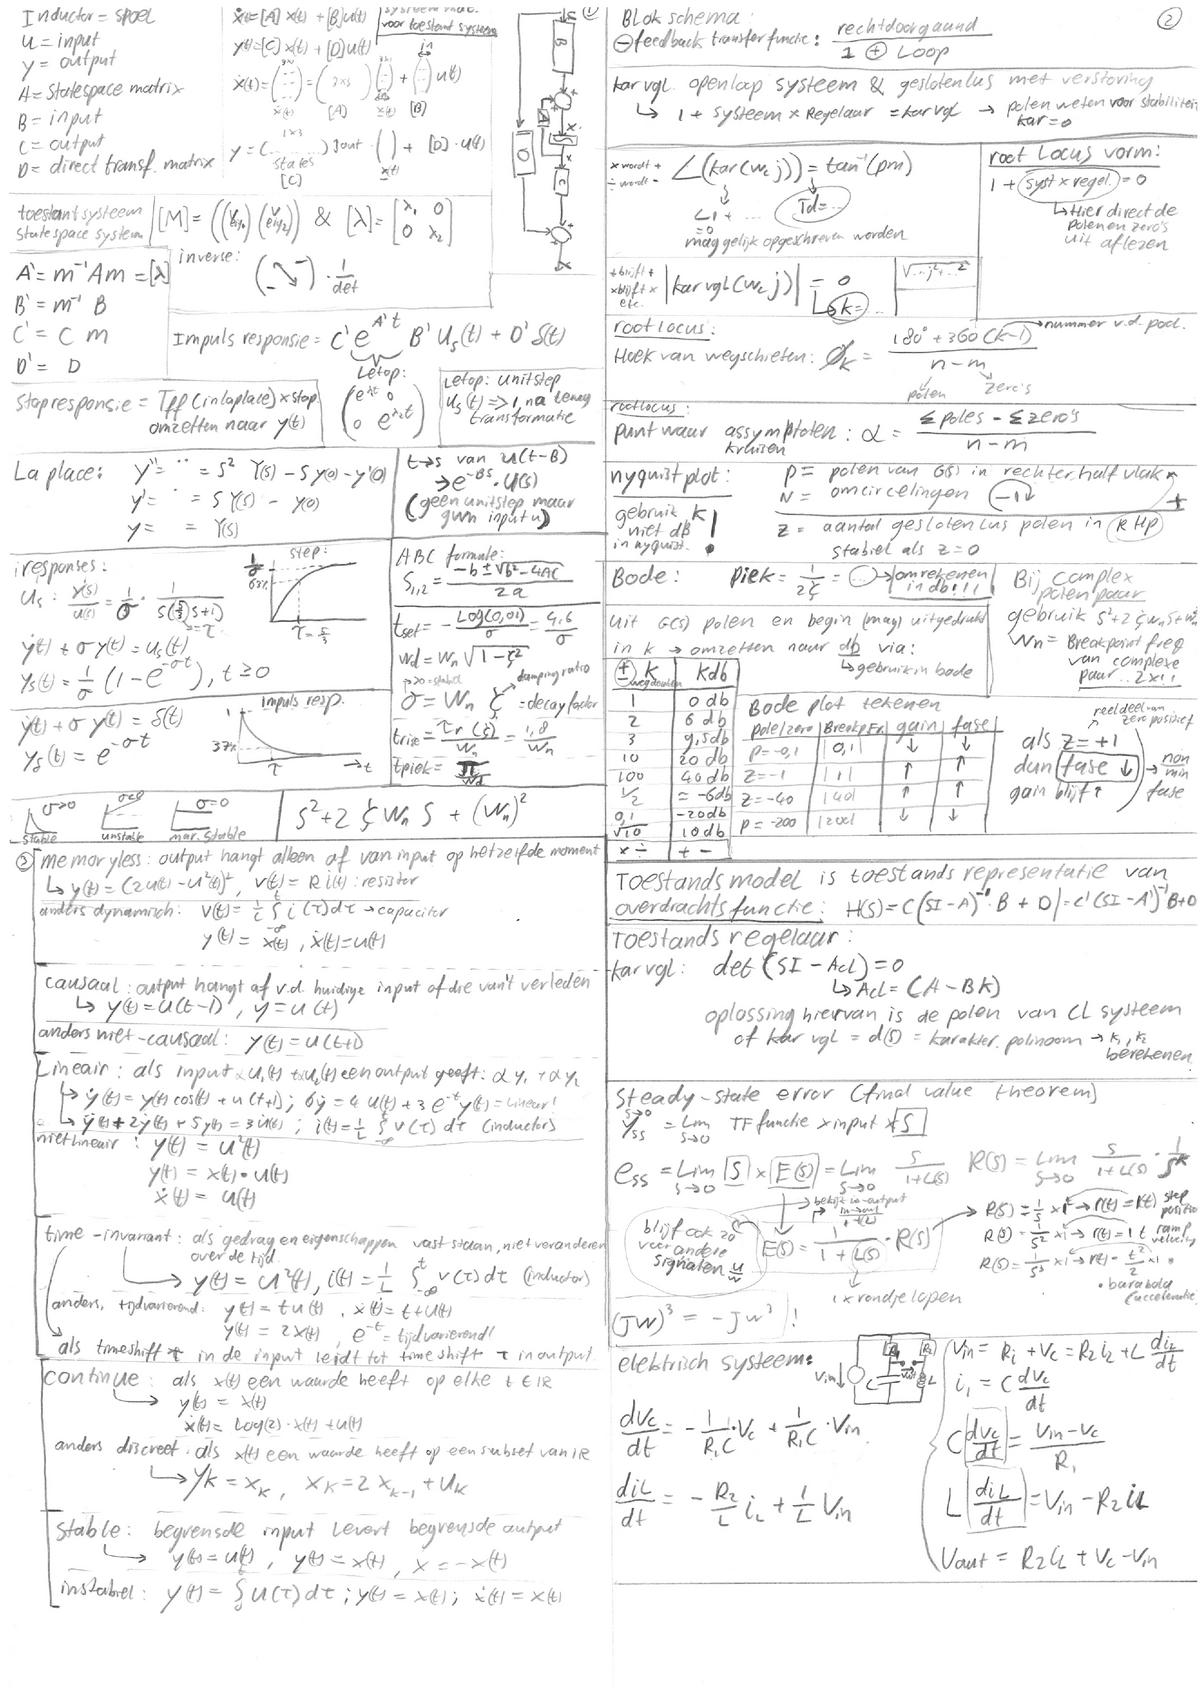 Cheat sheet voor tentamen 2017 - 2018 - WB2230-15 - StuDocu